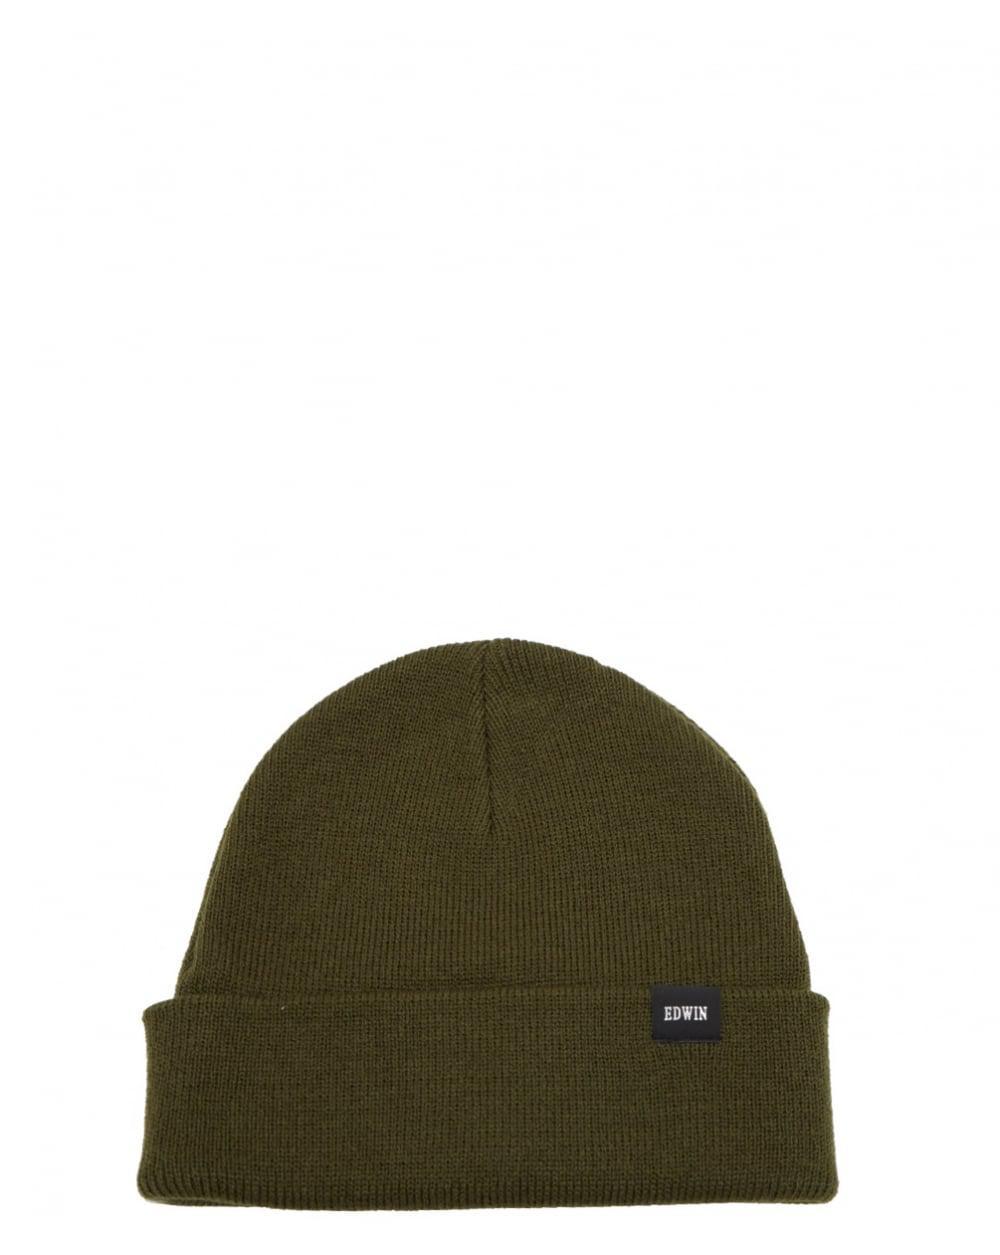 Edwin Watch Cap Beanie Hat in Green for Men - Lyst 19ed571a3301